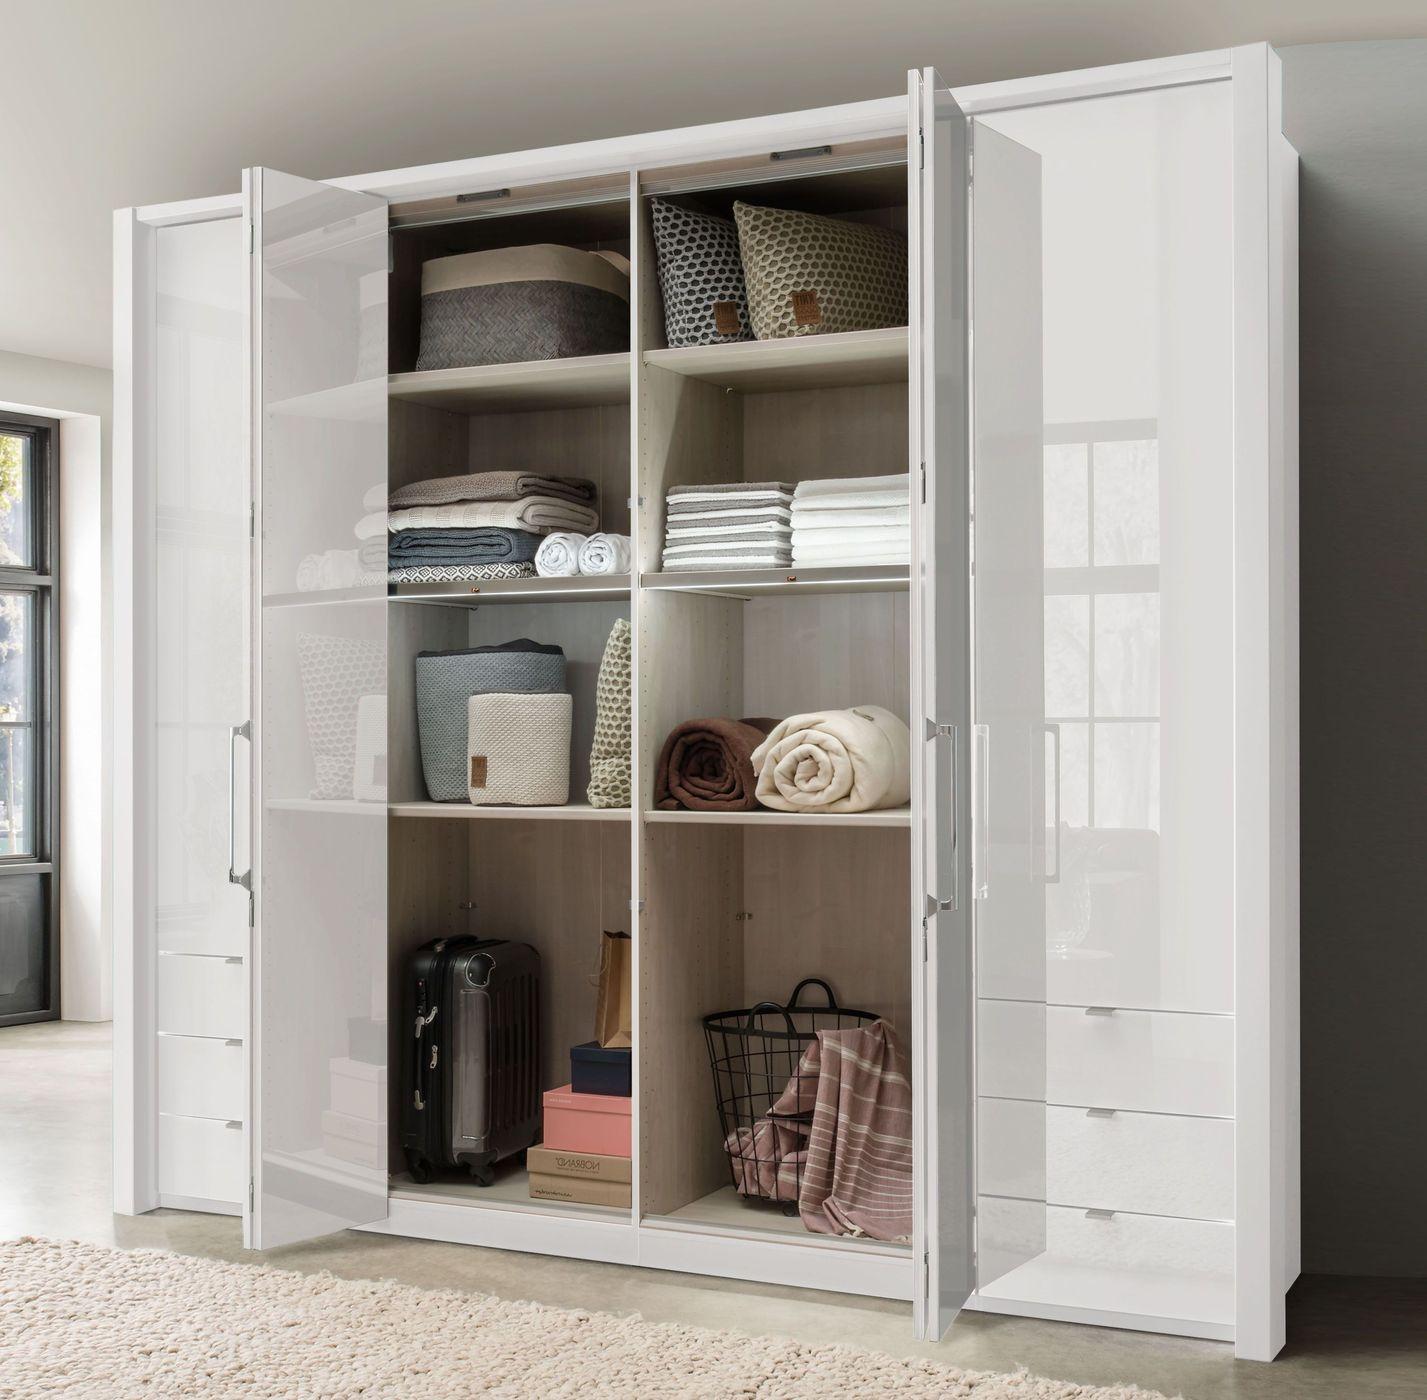 funktions kleiderschrank mit automatischem t r ffner westville. Black Bedroom Furniture Sets. Home Design Ideas